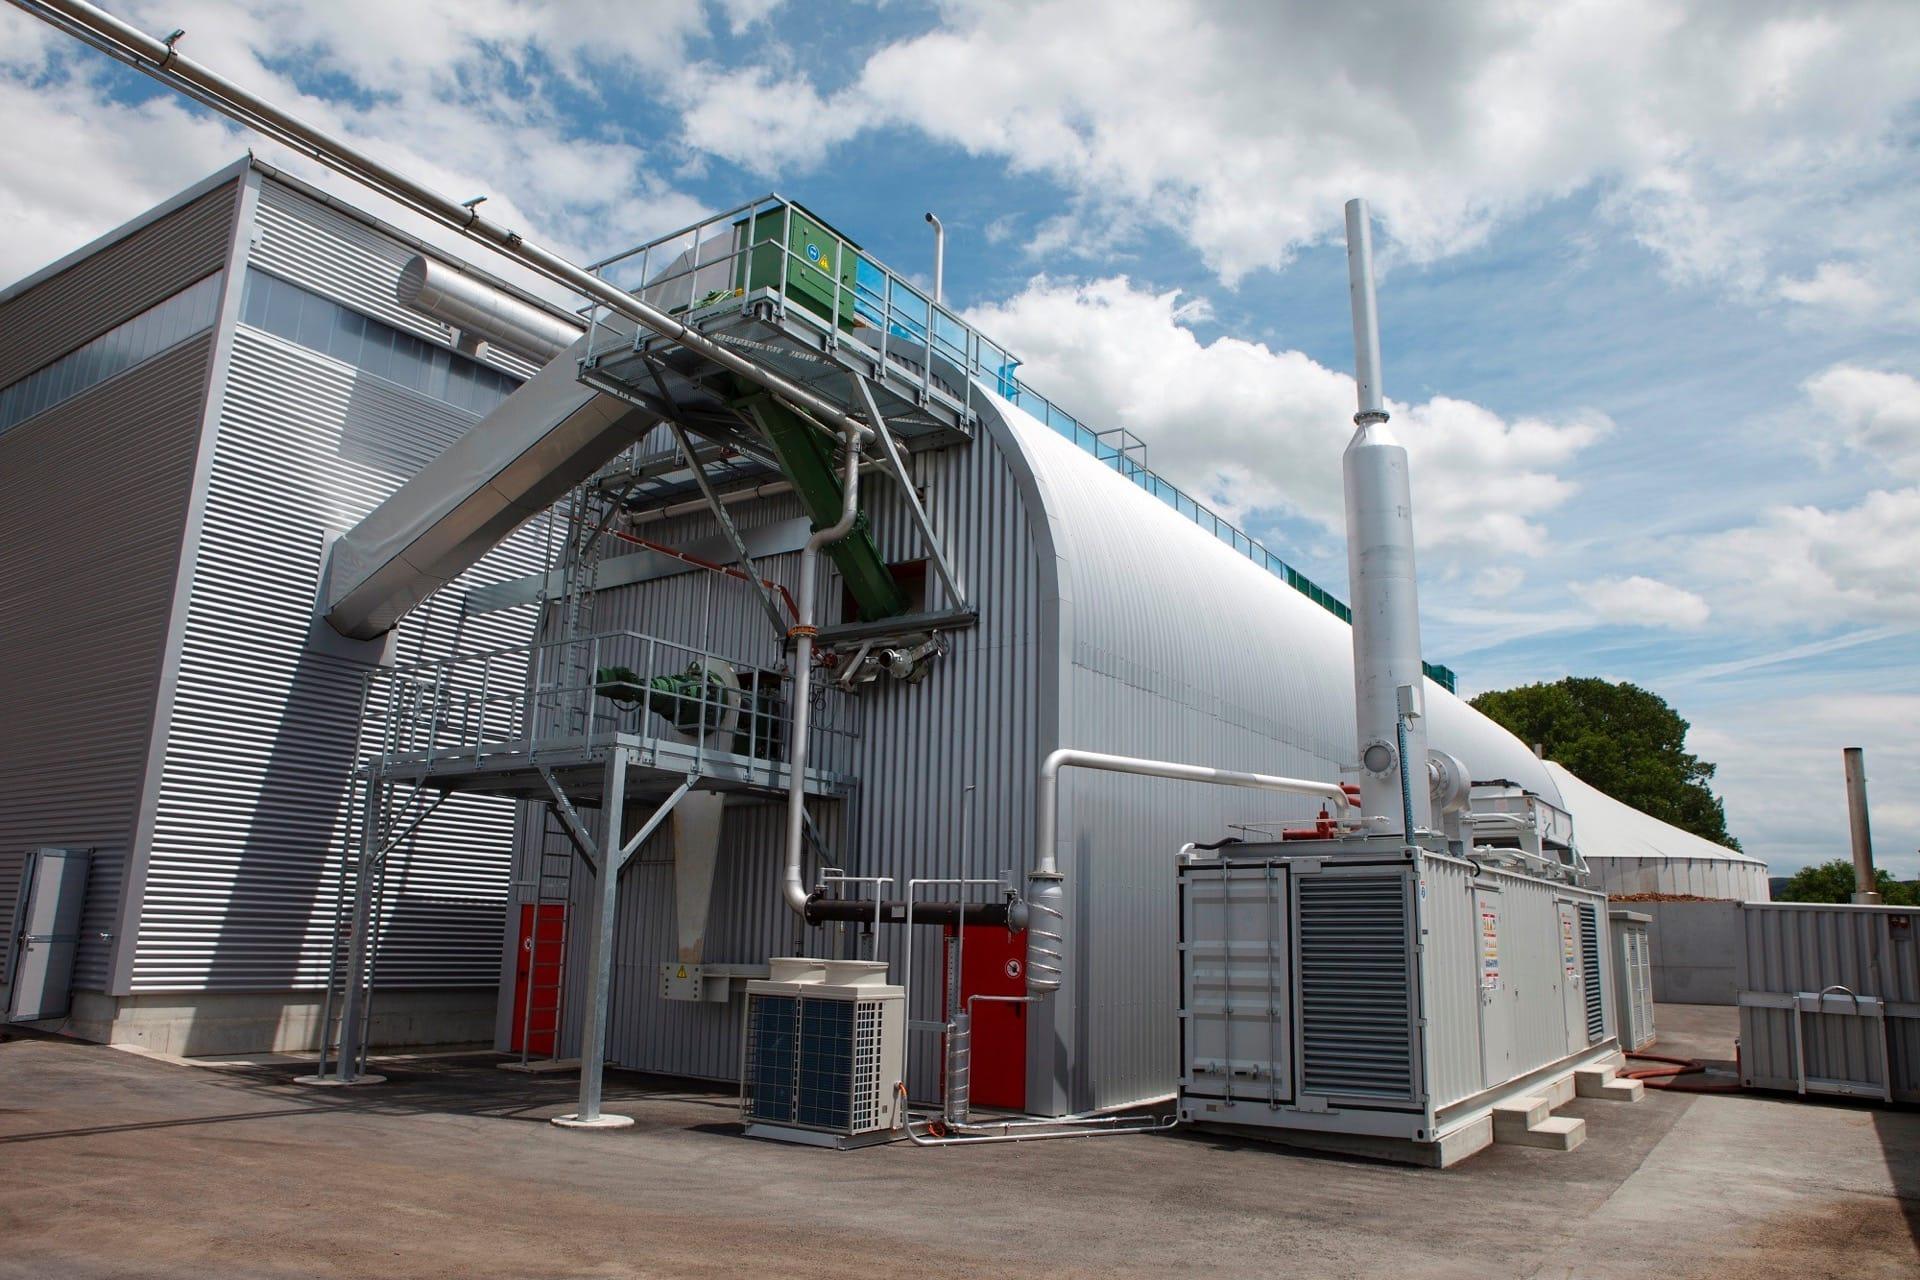 Kompogas Steel Digester – Chavornay, Switzerland